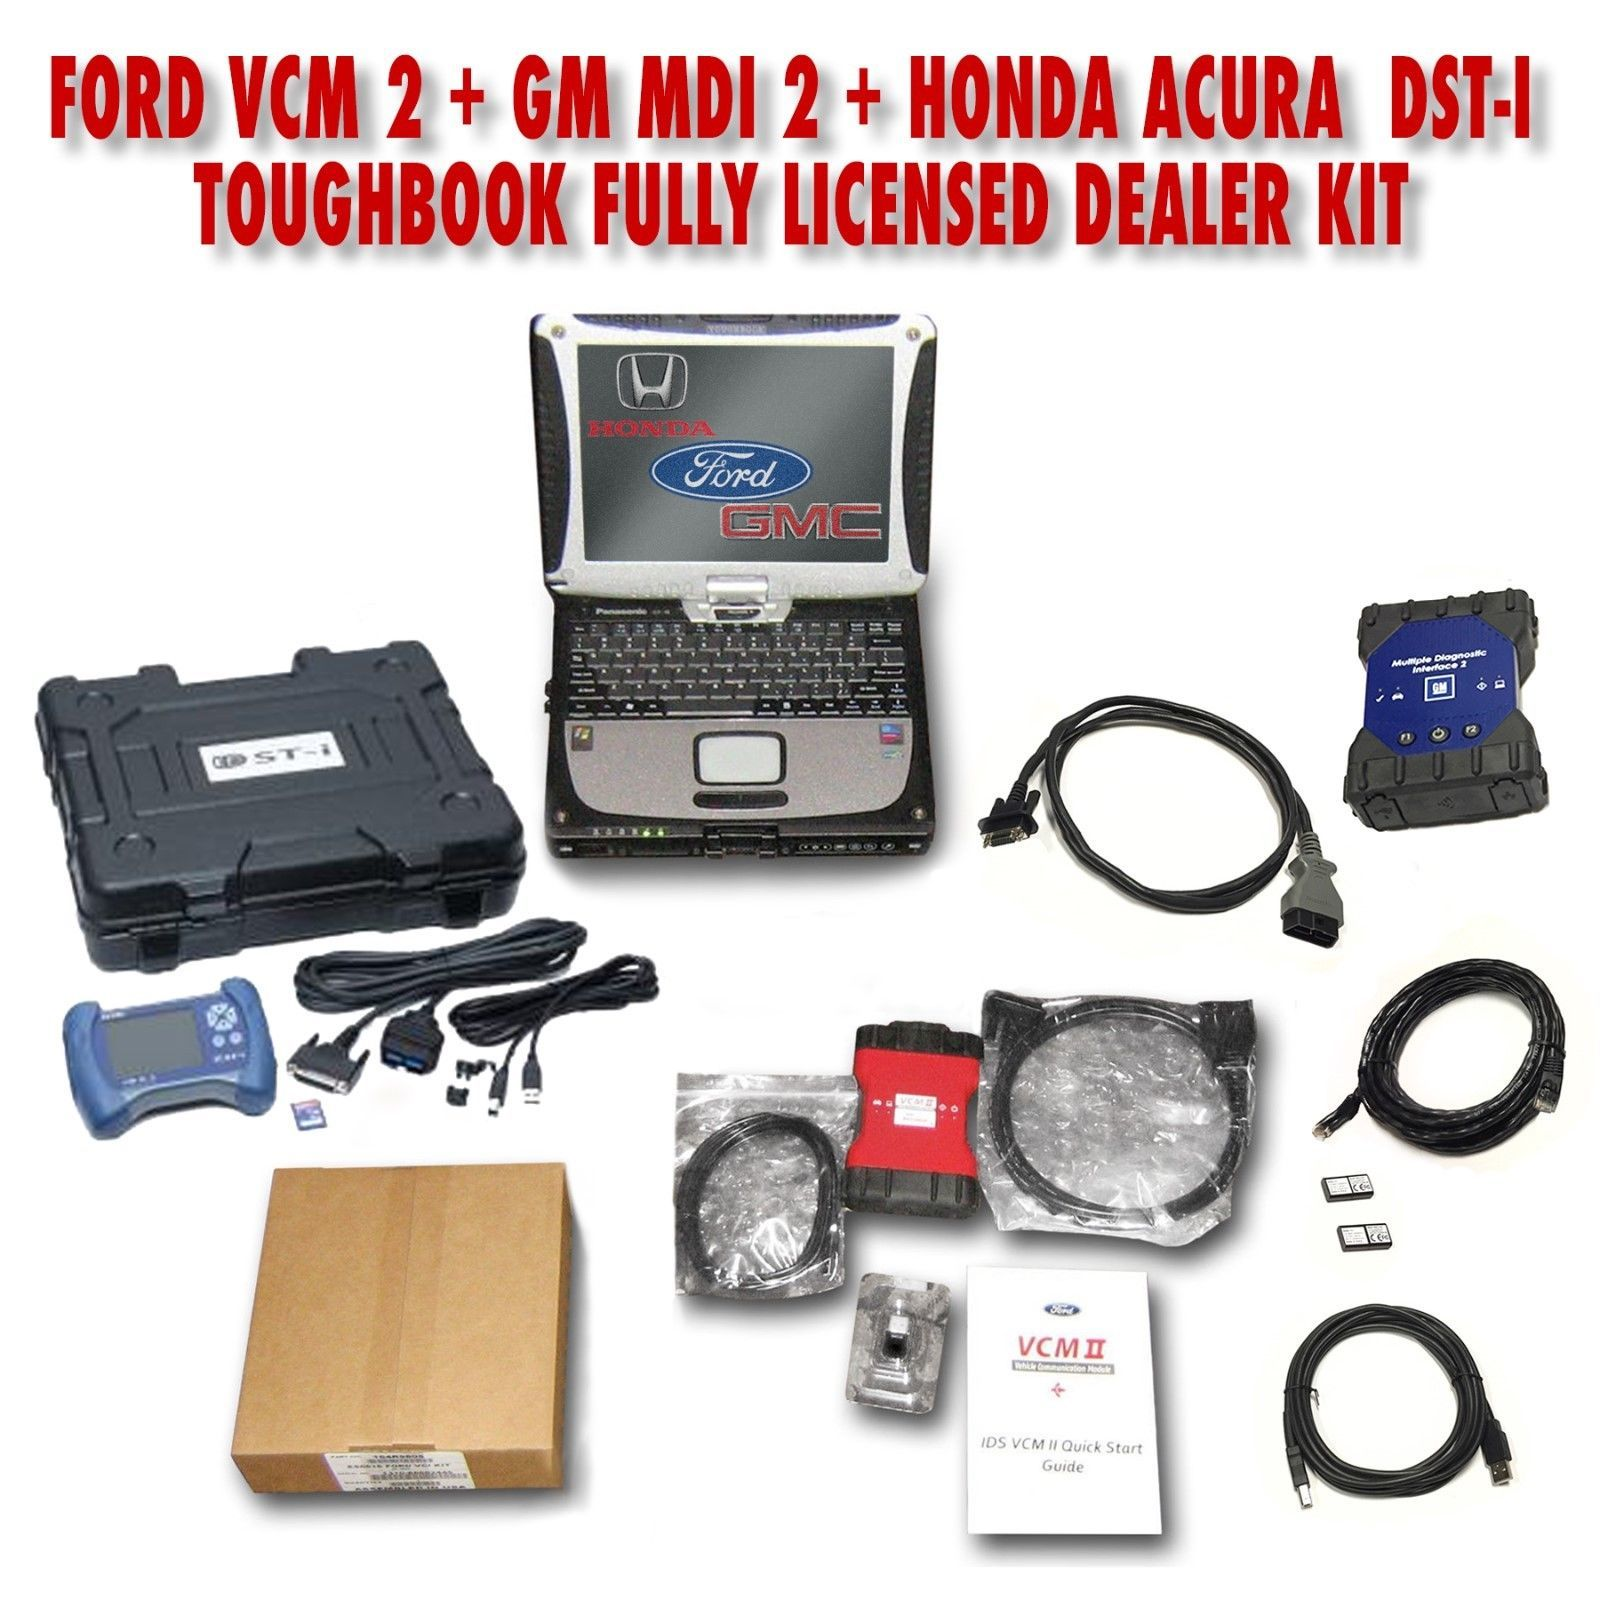 Ford VCM 2, GM MDI 2, Honda Acura Dealer Pack CRAZYSAVINGS01